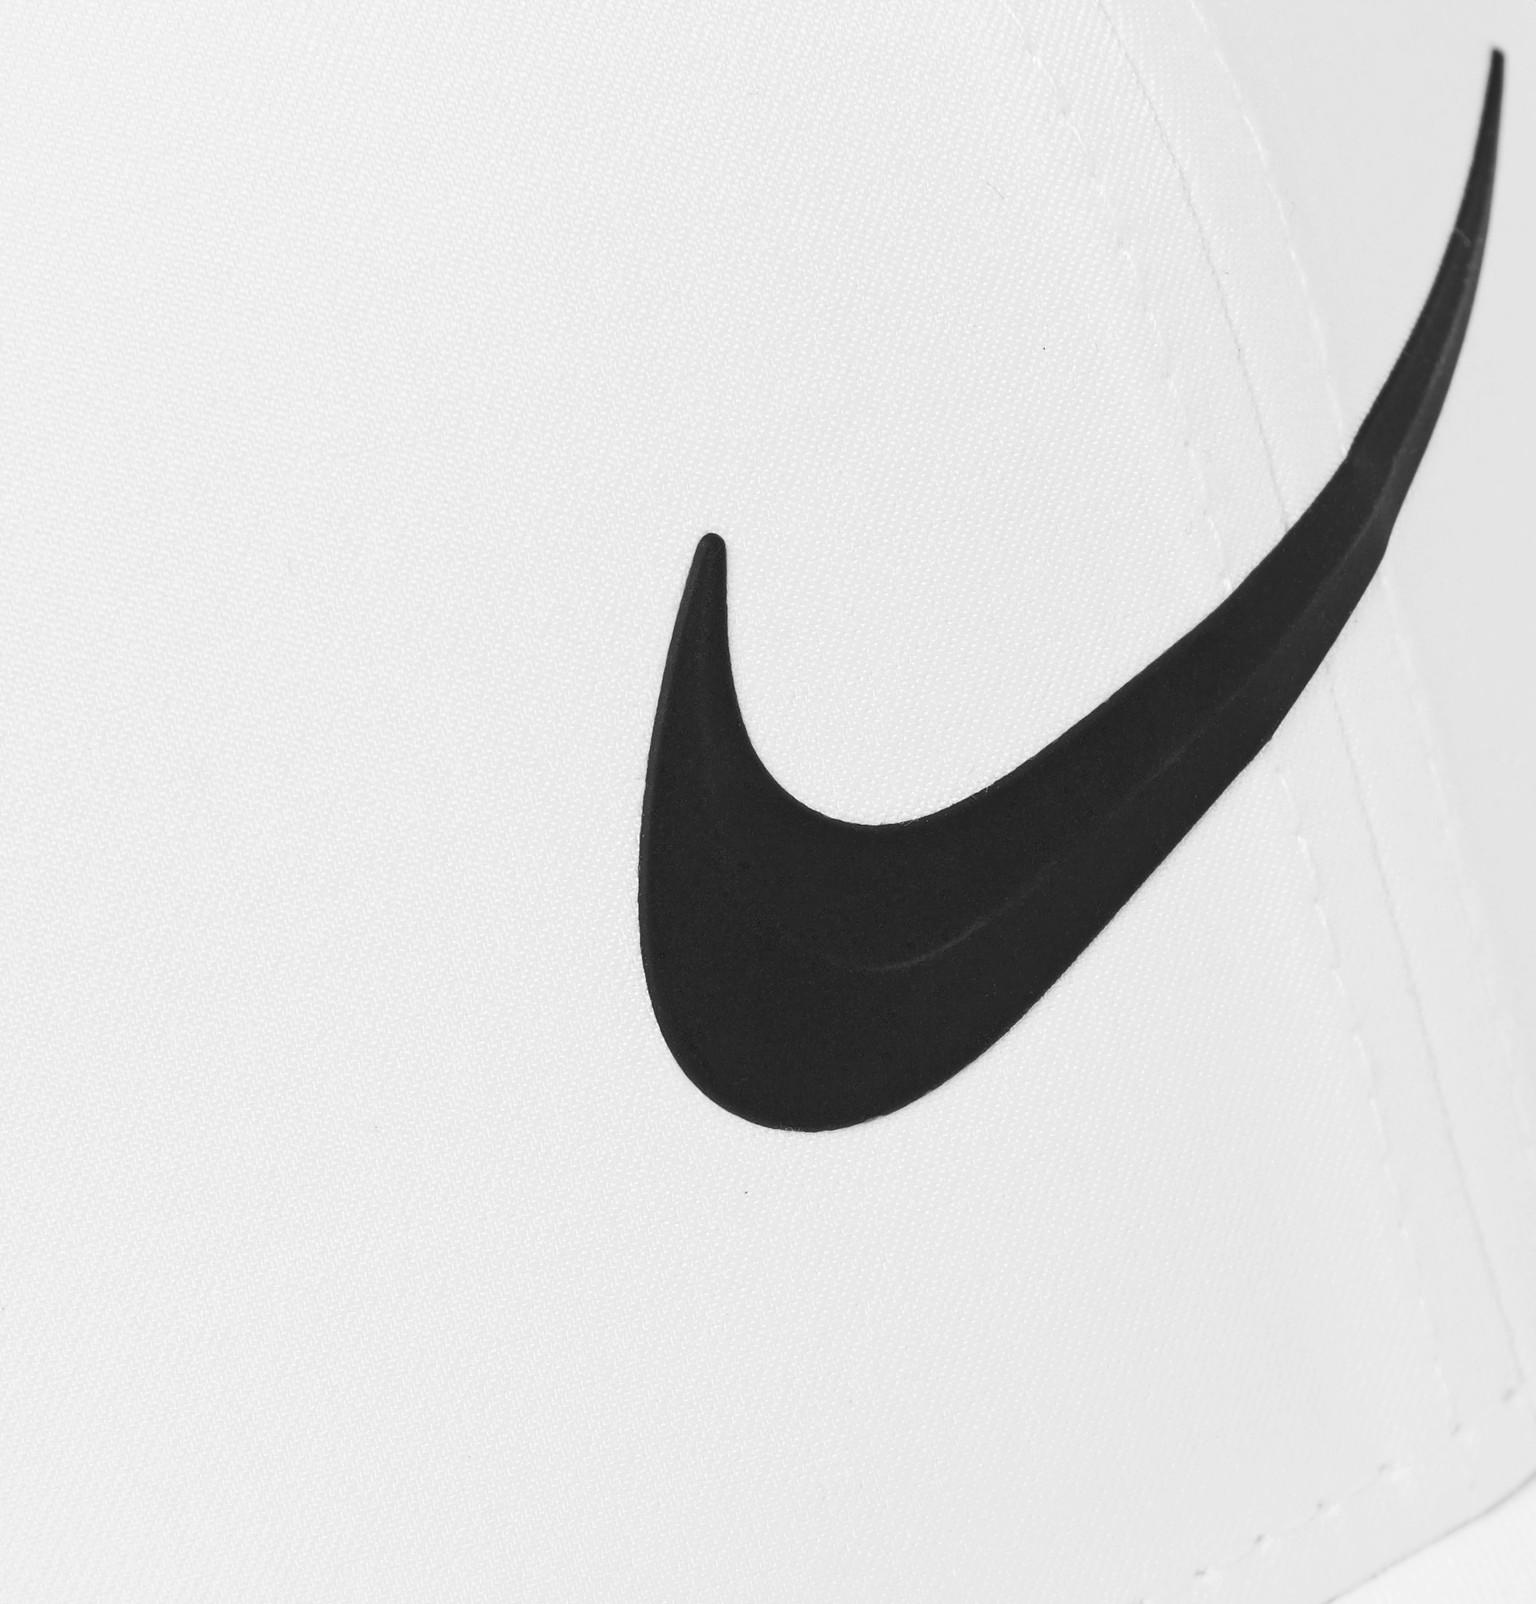 42a22199f6e Nike Golf - Aerobill Classic 99 Perforated Dri-FIT Golf Cap